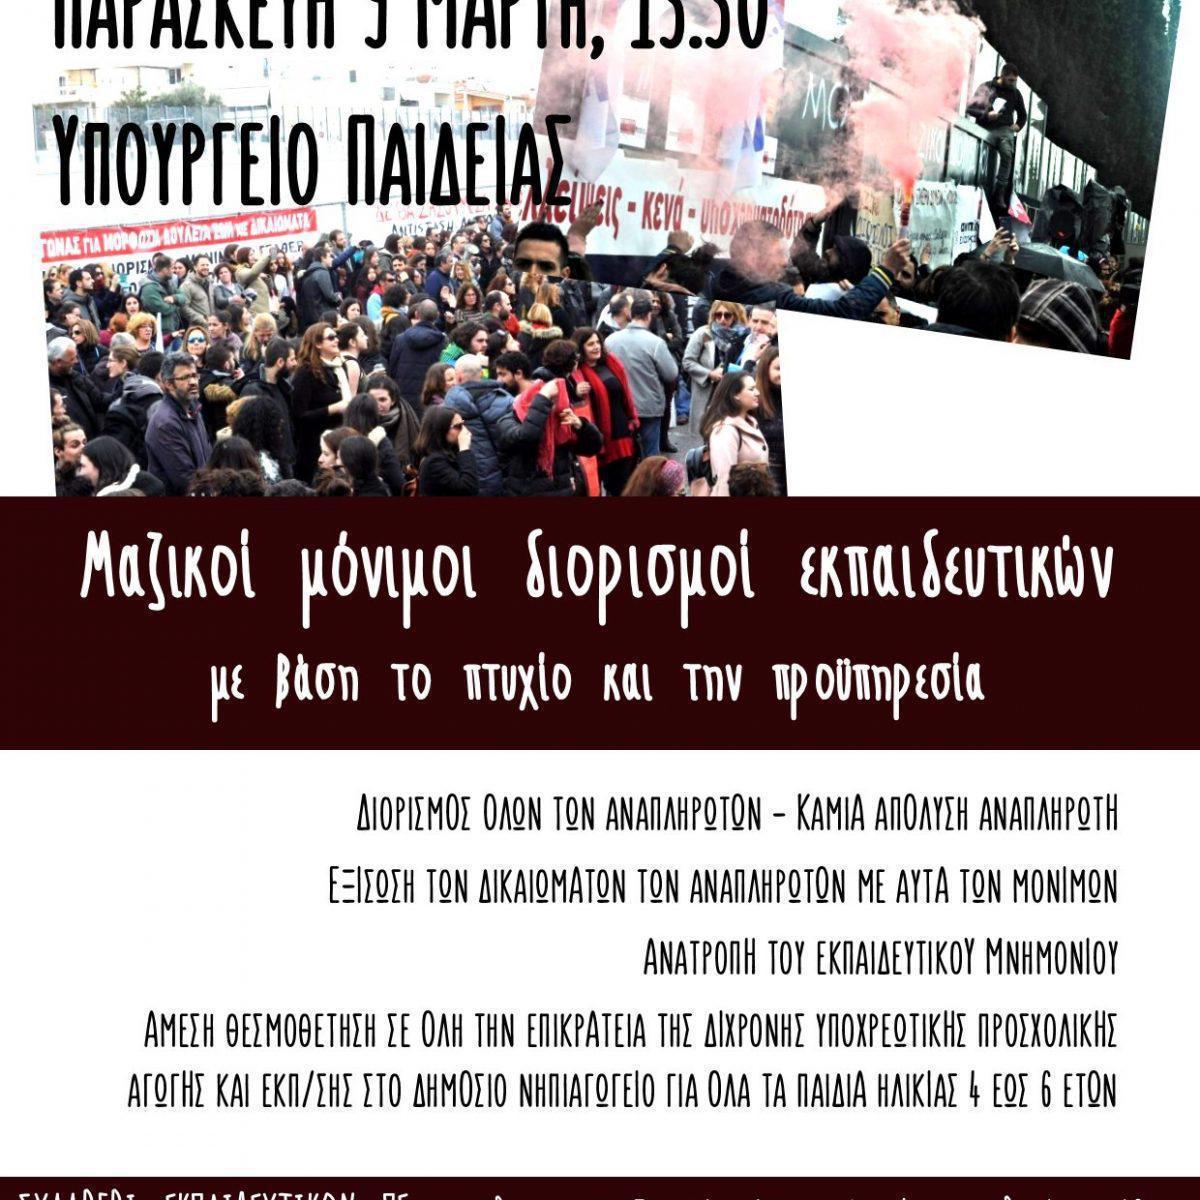 αφίσα συλλόγων 9 Μαρτη